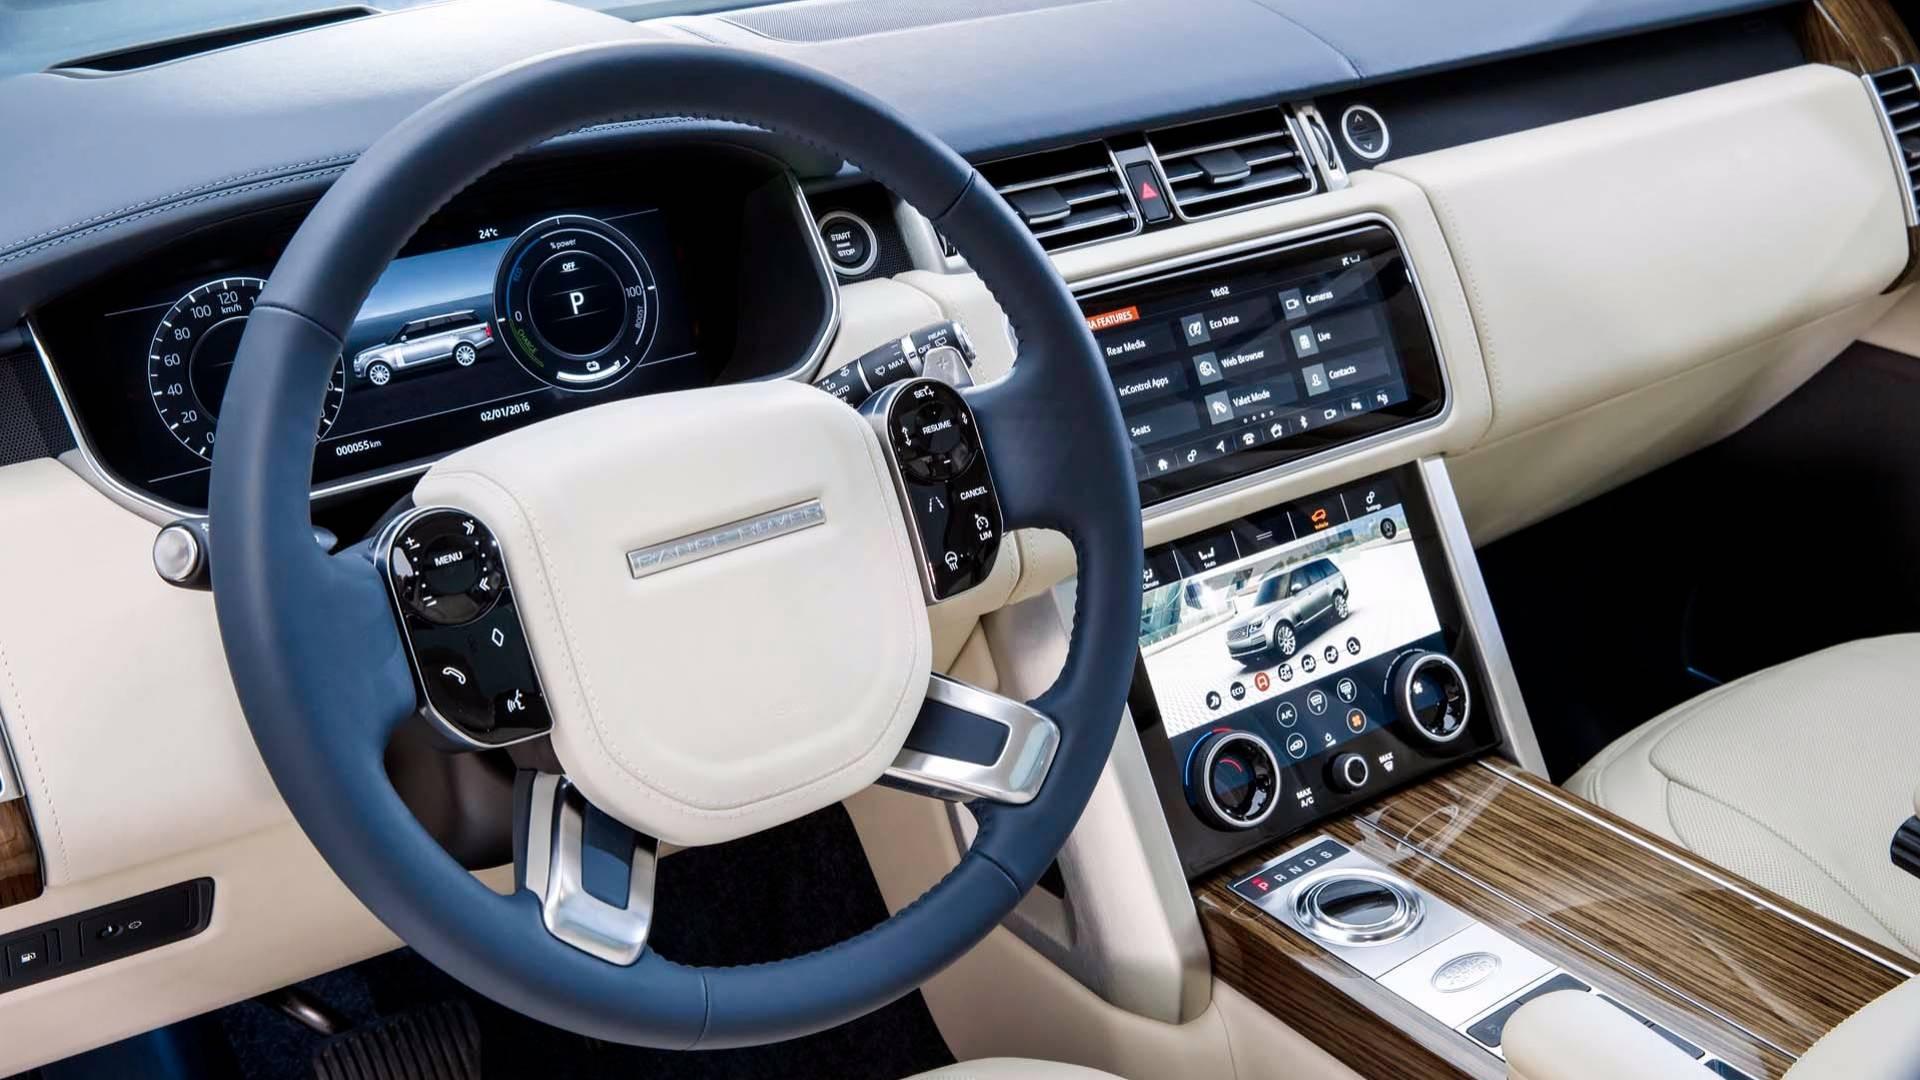 2018 Range Rover Facelift Officially Revealed, P400e PHEV ...